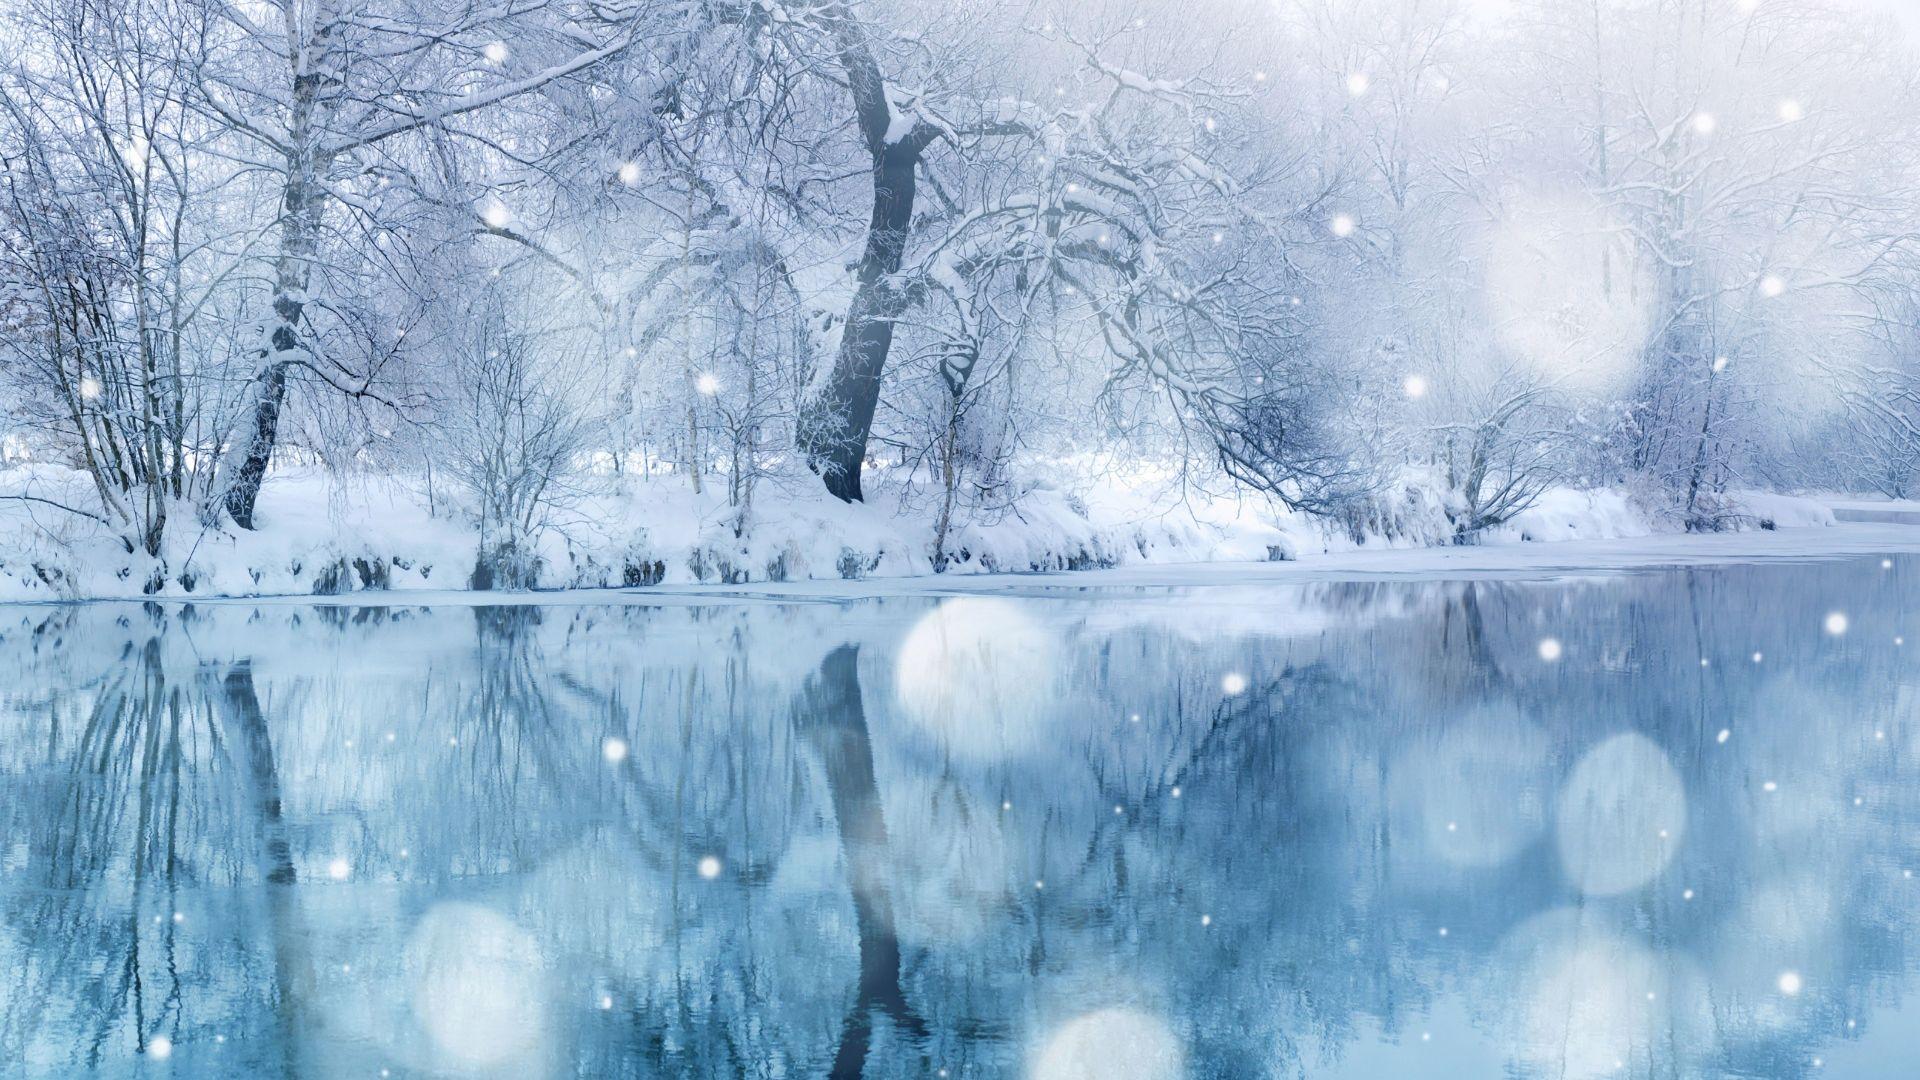 Chute_de_neige_magnifique_HD.jpg